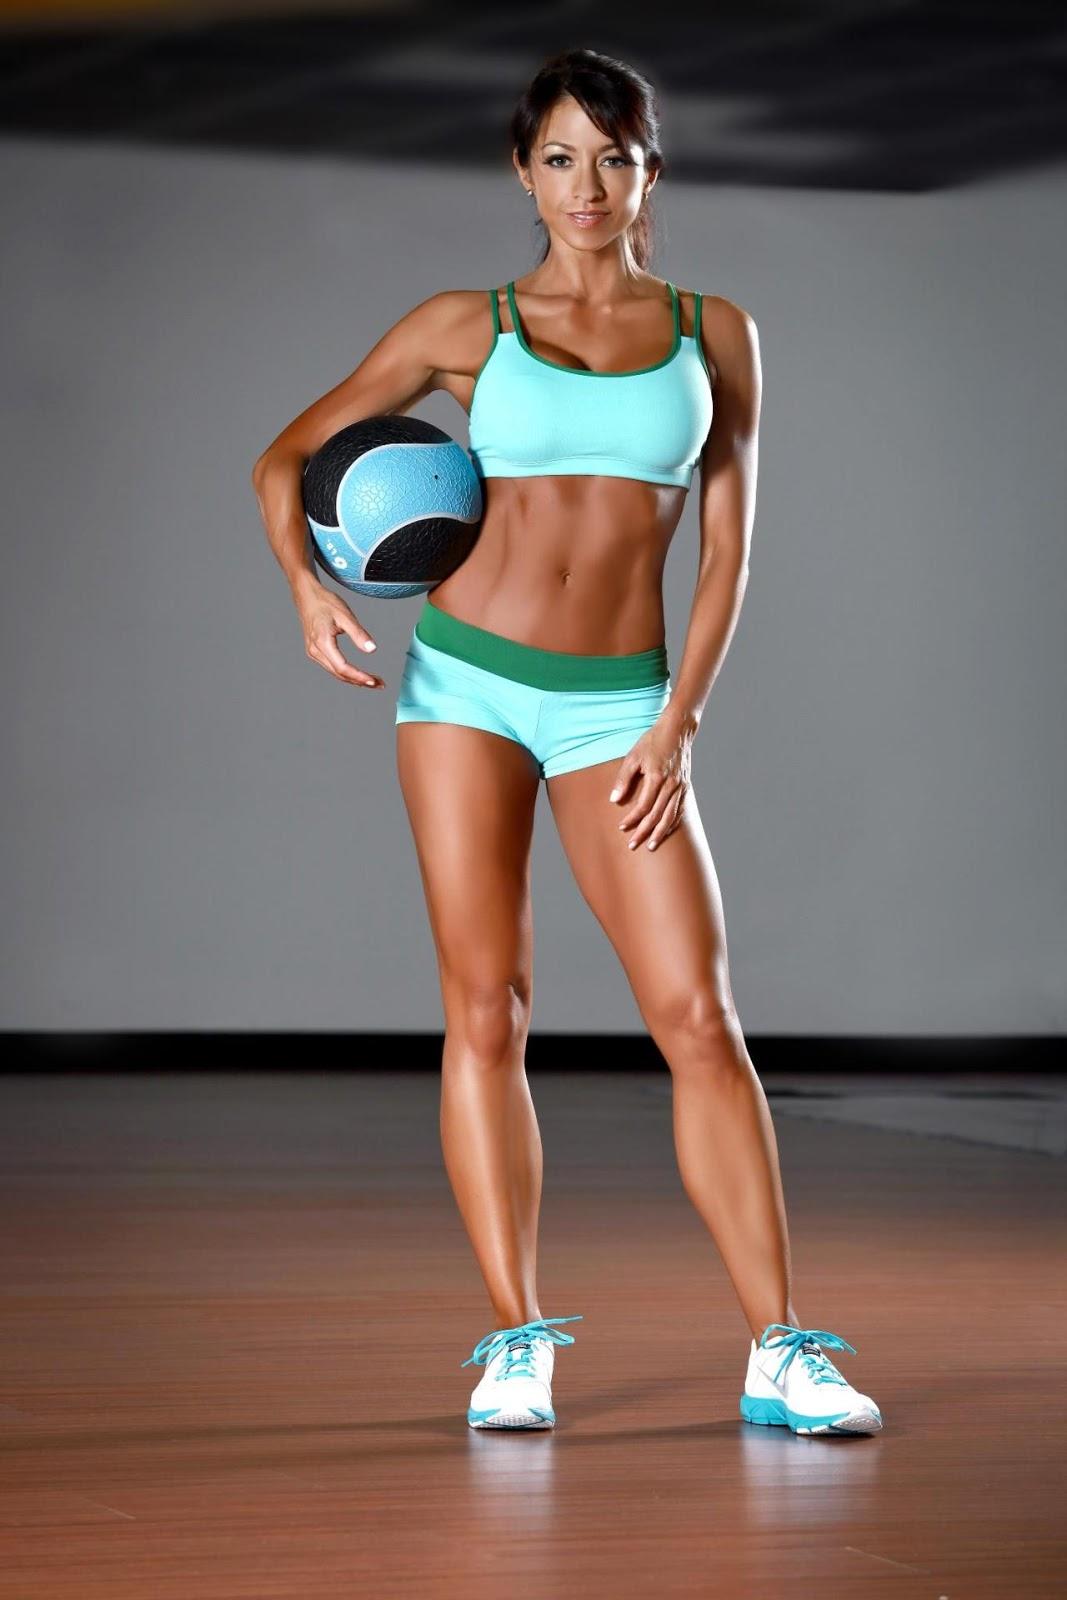 Female Athletic Legs 23